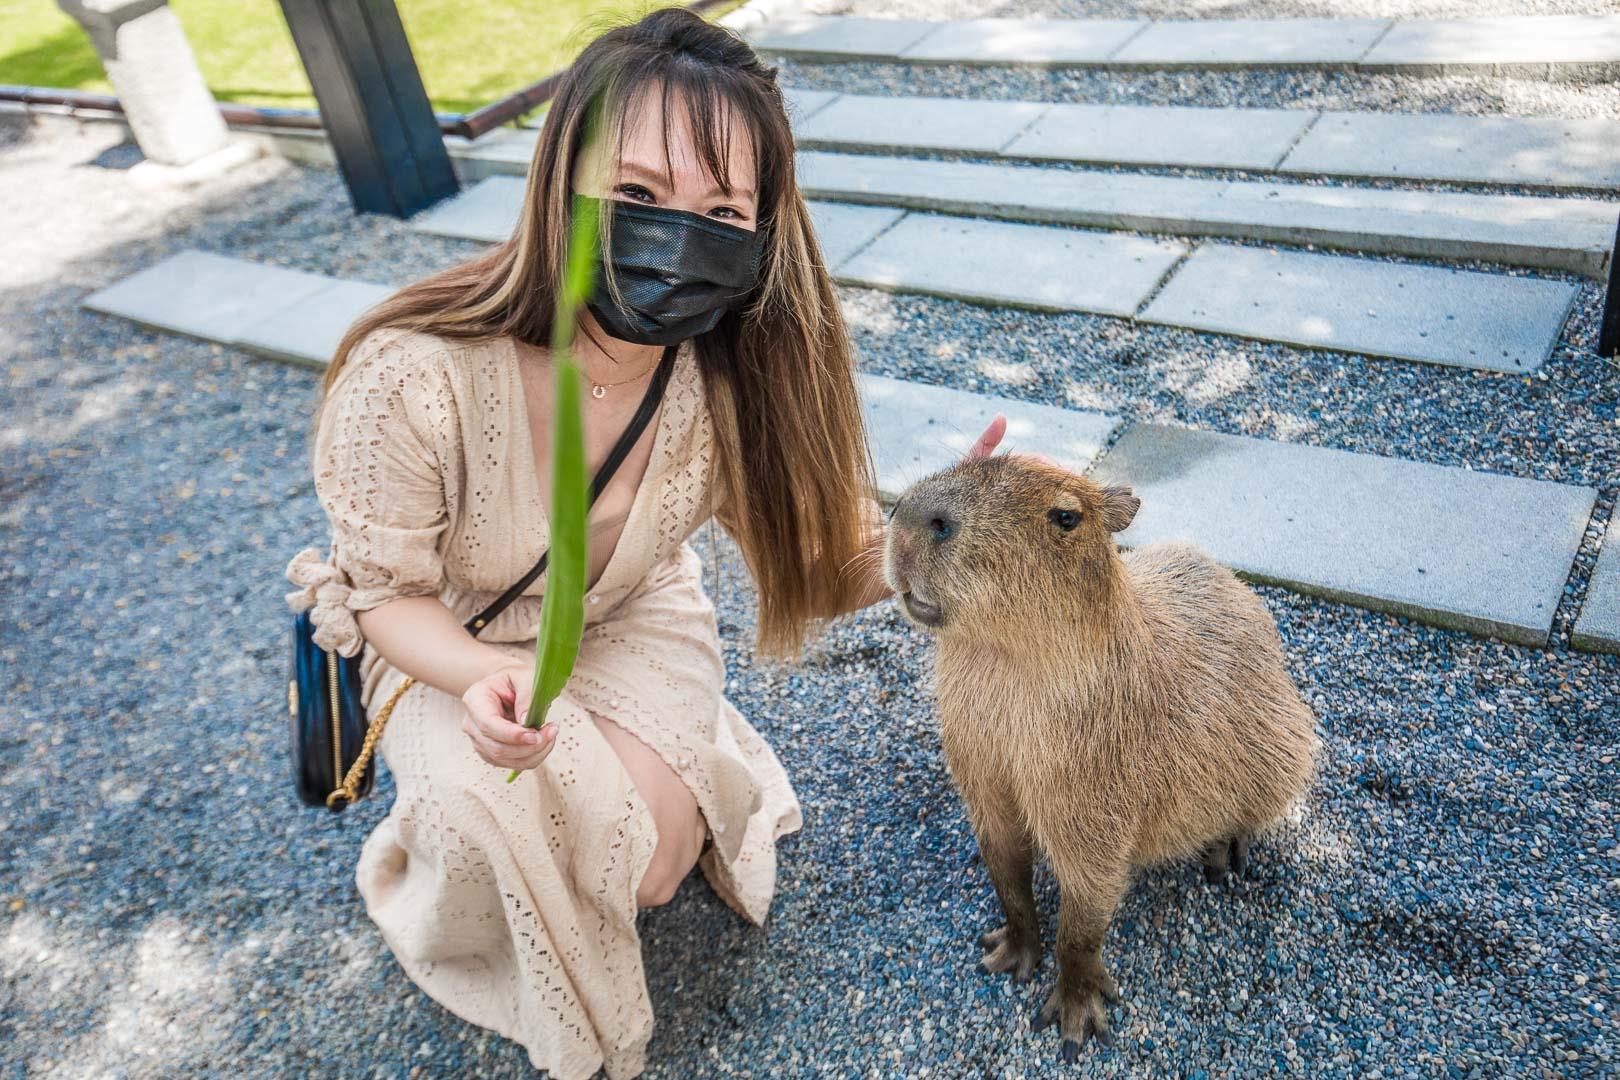 [宜蘭景點]張美阿嬤農場/最萌的動物農場!萌到你內心深處超可愛水豚君!好想養一隻!